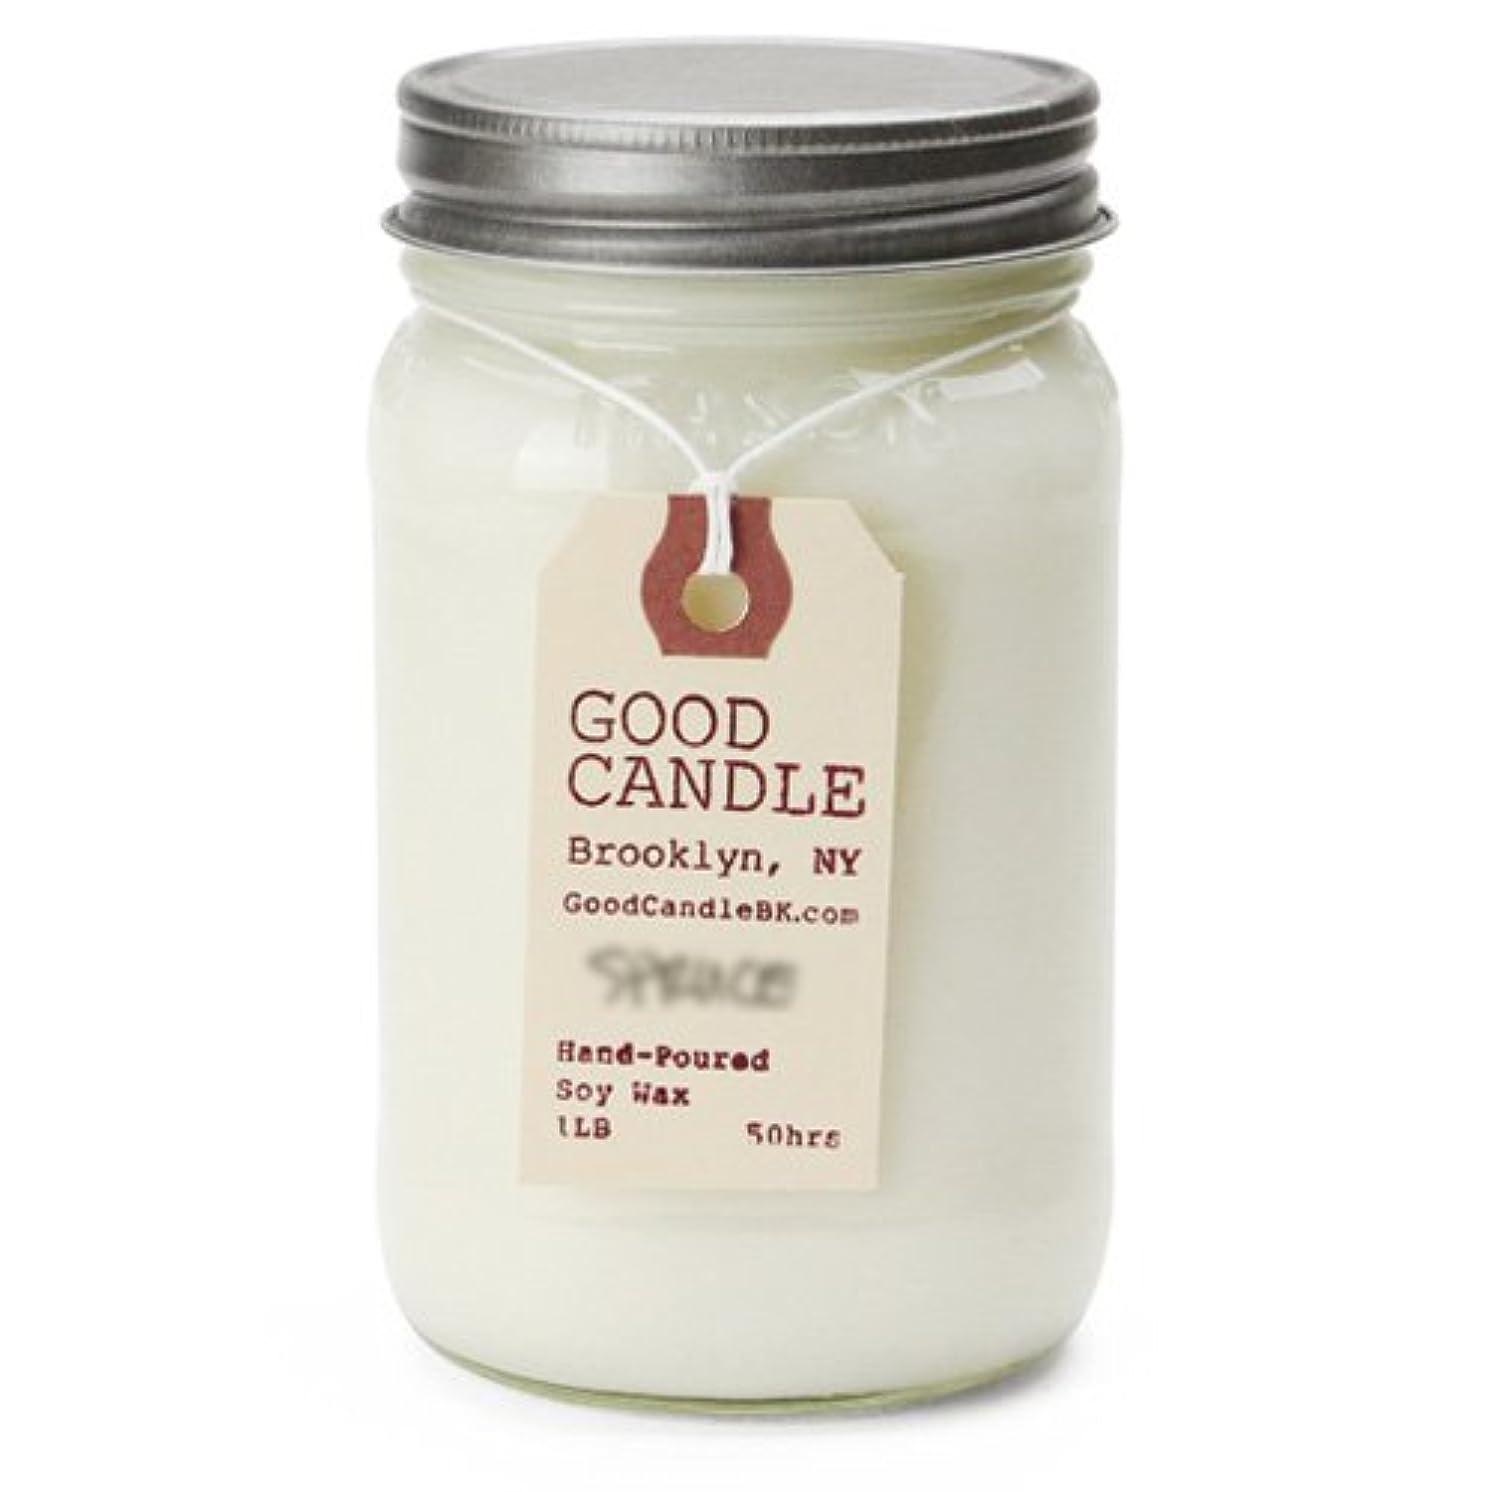 オープニングボルト委任するグッドキャンドル 1ポンド メイソンジャー キャンドル Good Candle 1LB Mason jar candle [ Fig ] 正規品